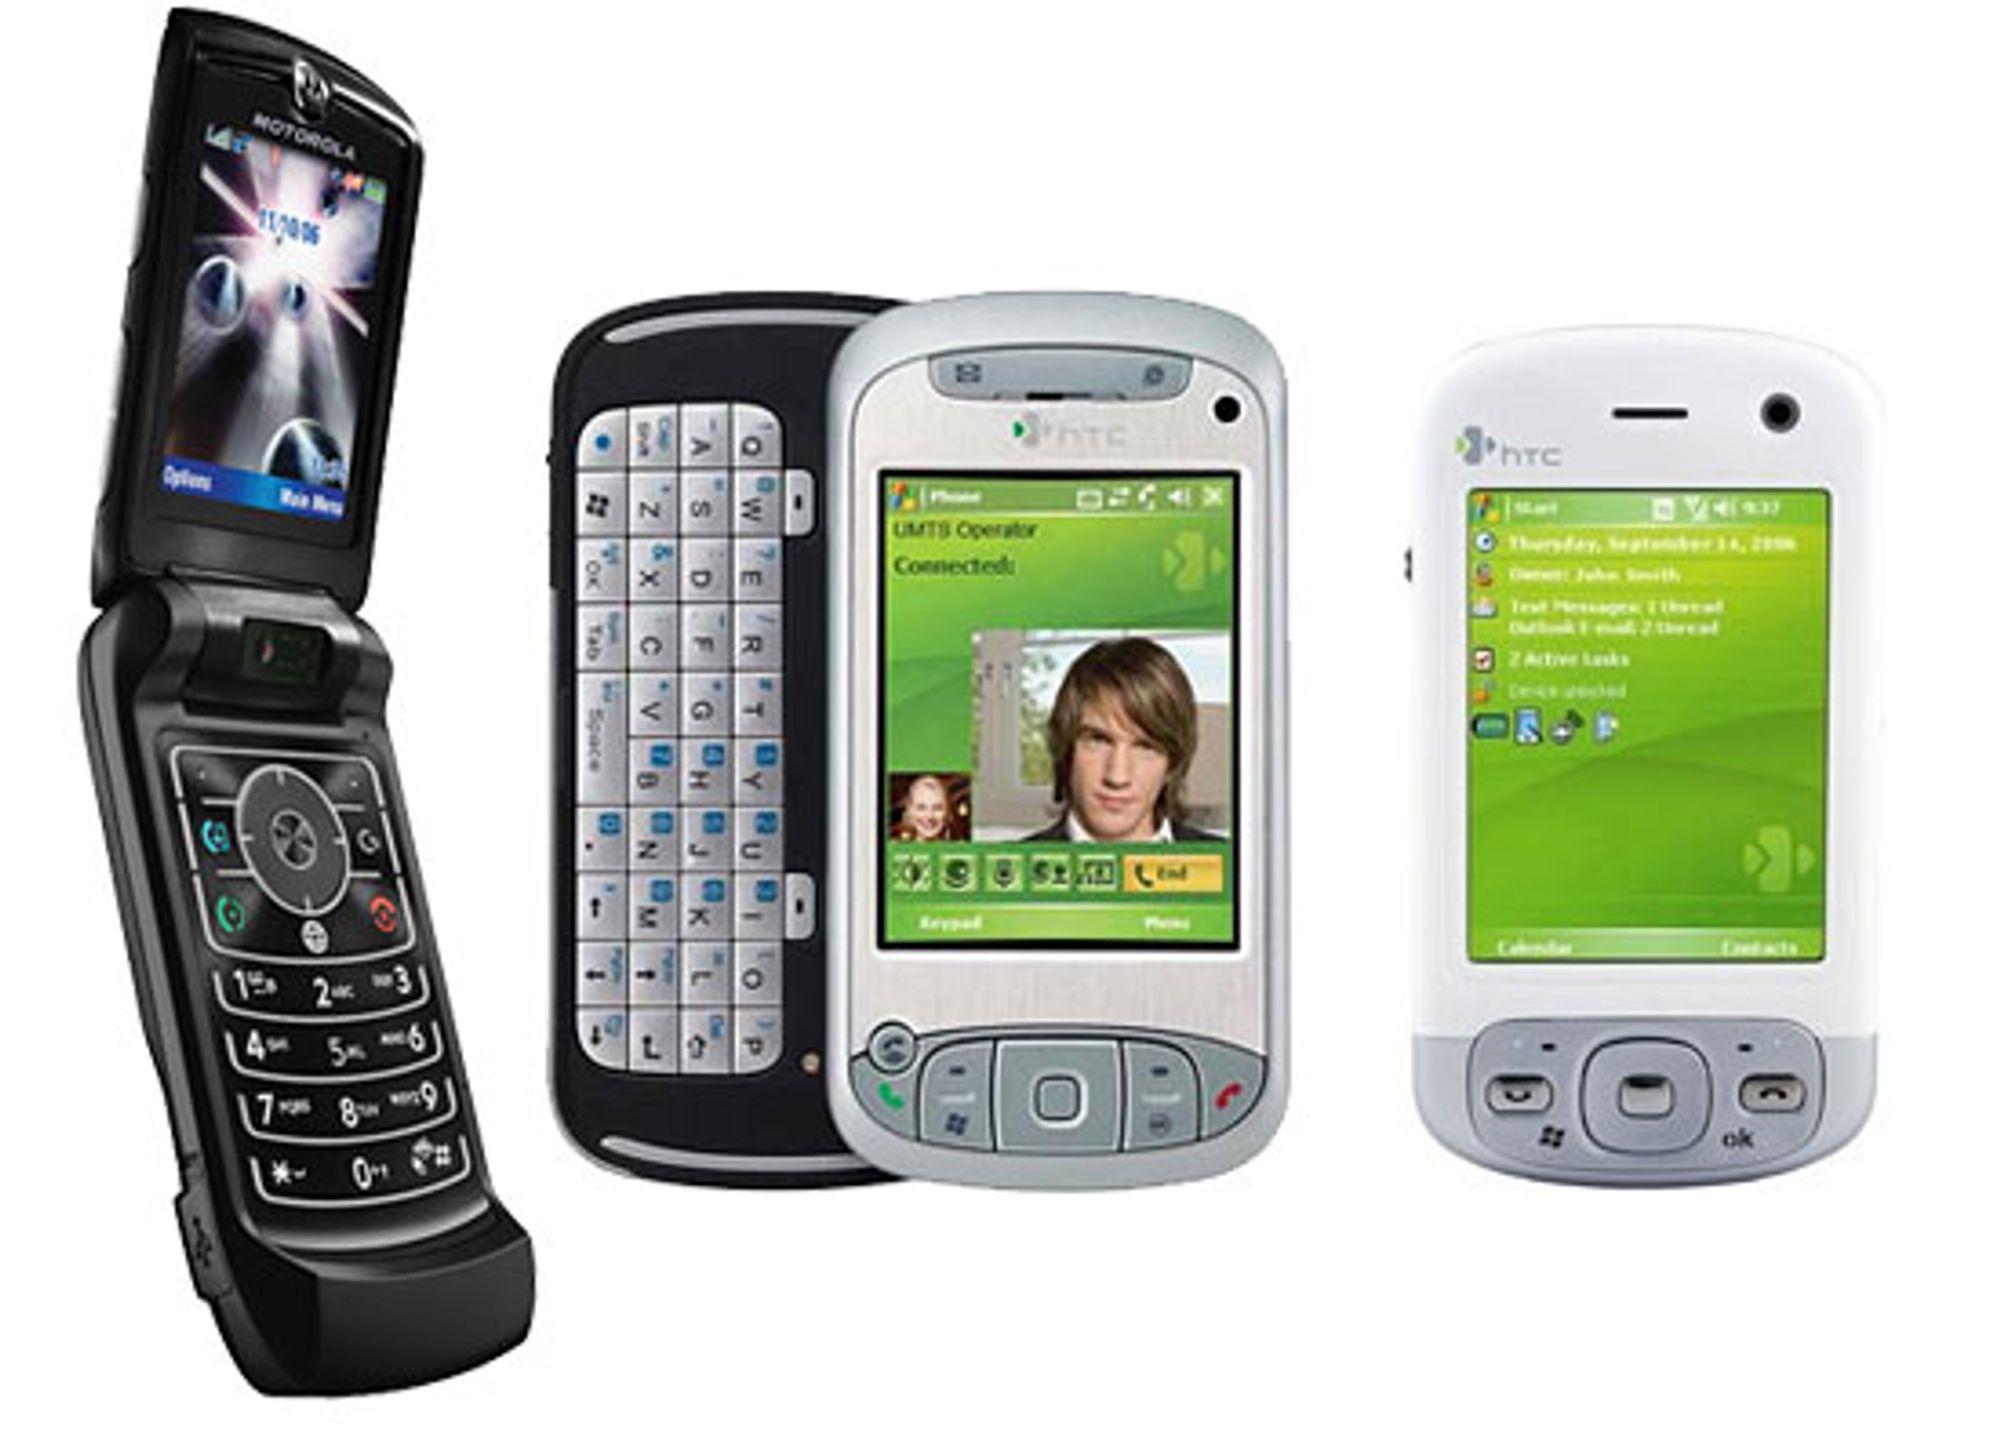 Disse tre HSDPA-telefonene kan du allerede få kjøpt i butikkene.